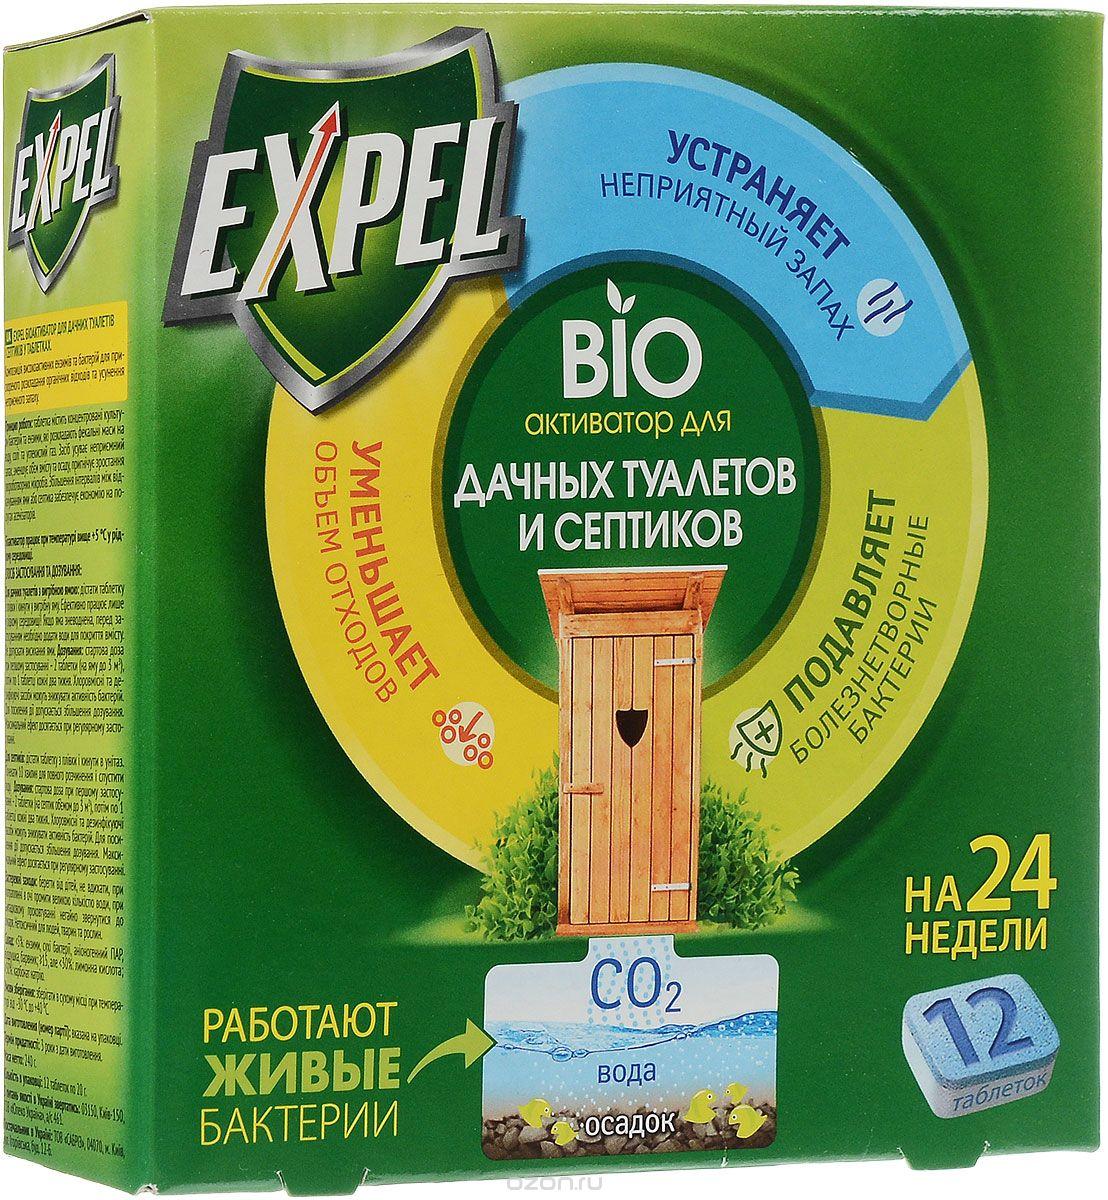 Биоактиватор Expel для дачных туалетов и септиков, 12 таблетокTT0004Биоактиватор Expel содержит концентрированные культуры бактерий. Которые разлагают фекальные массы на воду, углекислый газ и соли. Средство устраняет неприятный запах, уменьшает объем содержимого и осадка, подавляет рост болезнетворных микробов. Увеличение интервалов между откачками ямы или септика обеспечивает экономию на услугах ассенизаторов. Способ применения: Для дачных туалетов с выгребной ямой: извлечь таблетку из пленки и бросить в выгребную яму. Биоактиватор эффективно работает только в жидкой среде. Если яма обезвожена, необходимо добавить воды для покрытия содержимого. Не допускать высыхания ямы. Для септиков: извлечь таблетку из пленки и бросить в унитаз. Подождать 10 минут для полного растворения и спустить воду. Дозировка: стартовая доза при первом применении - 2 таблетки (на яму или септик до 3 м3), затем по 1 таблетке каждые 2 недели. Характеристики: Состав: сухие бактерии, энзимы, карбонат натрия, лимонная кислота, анионогенный...